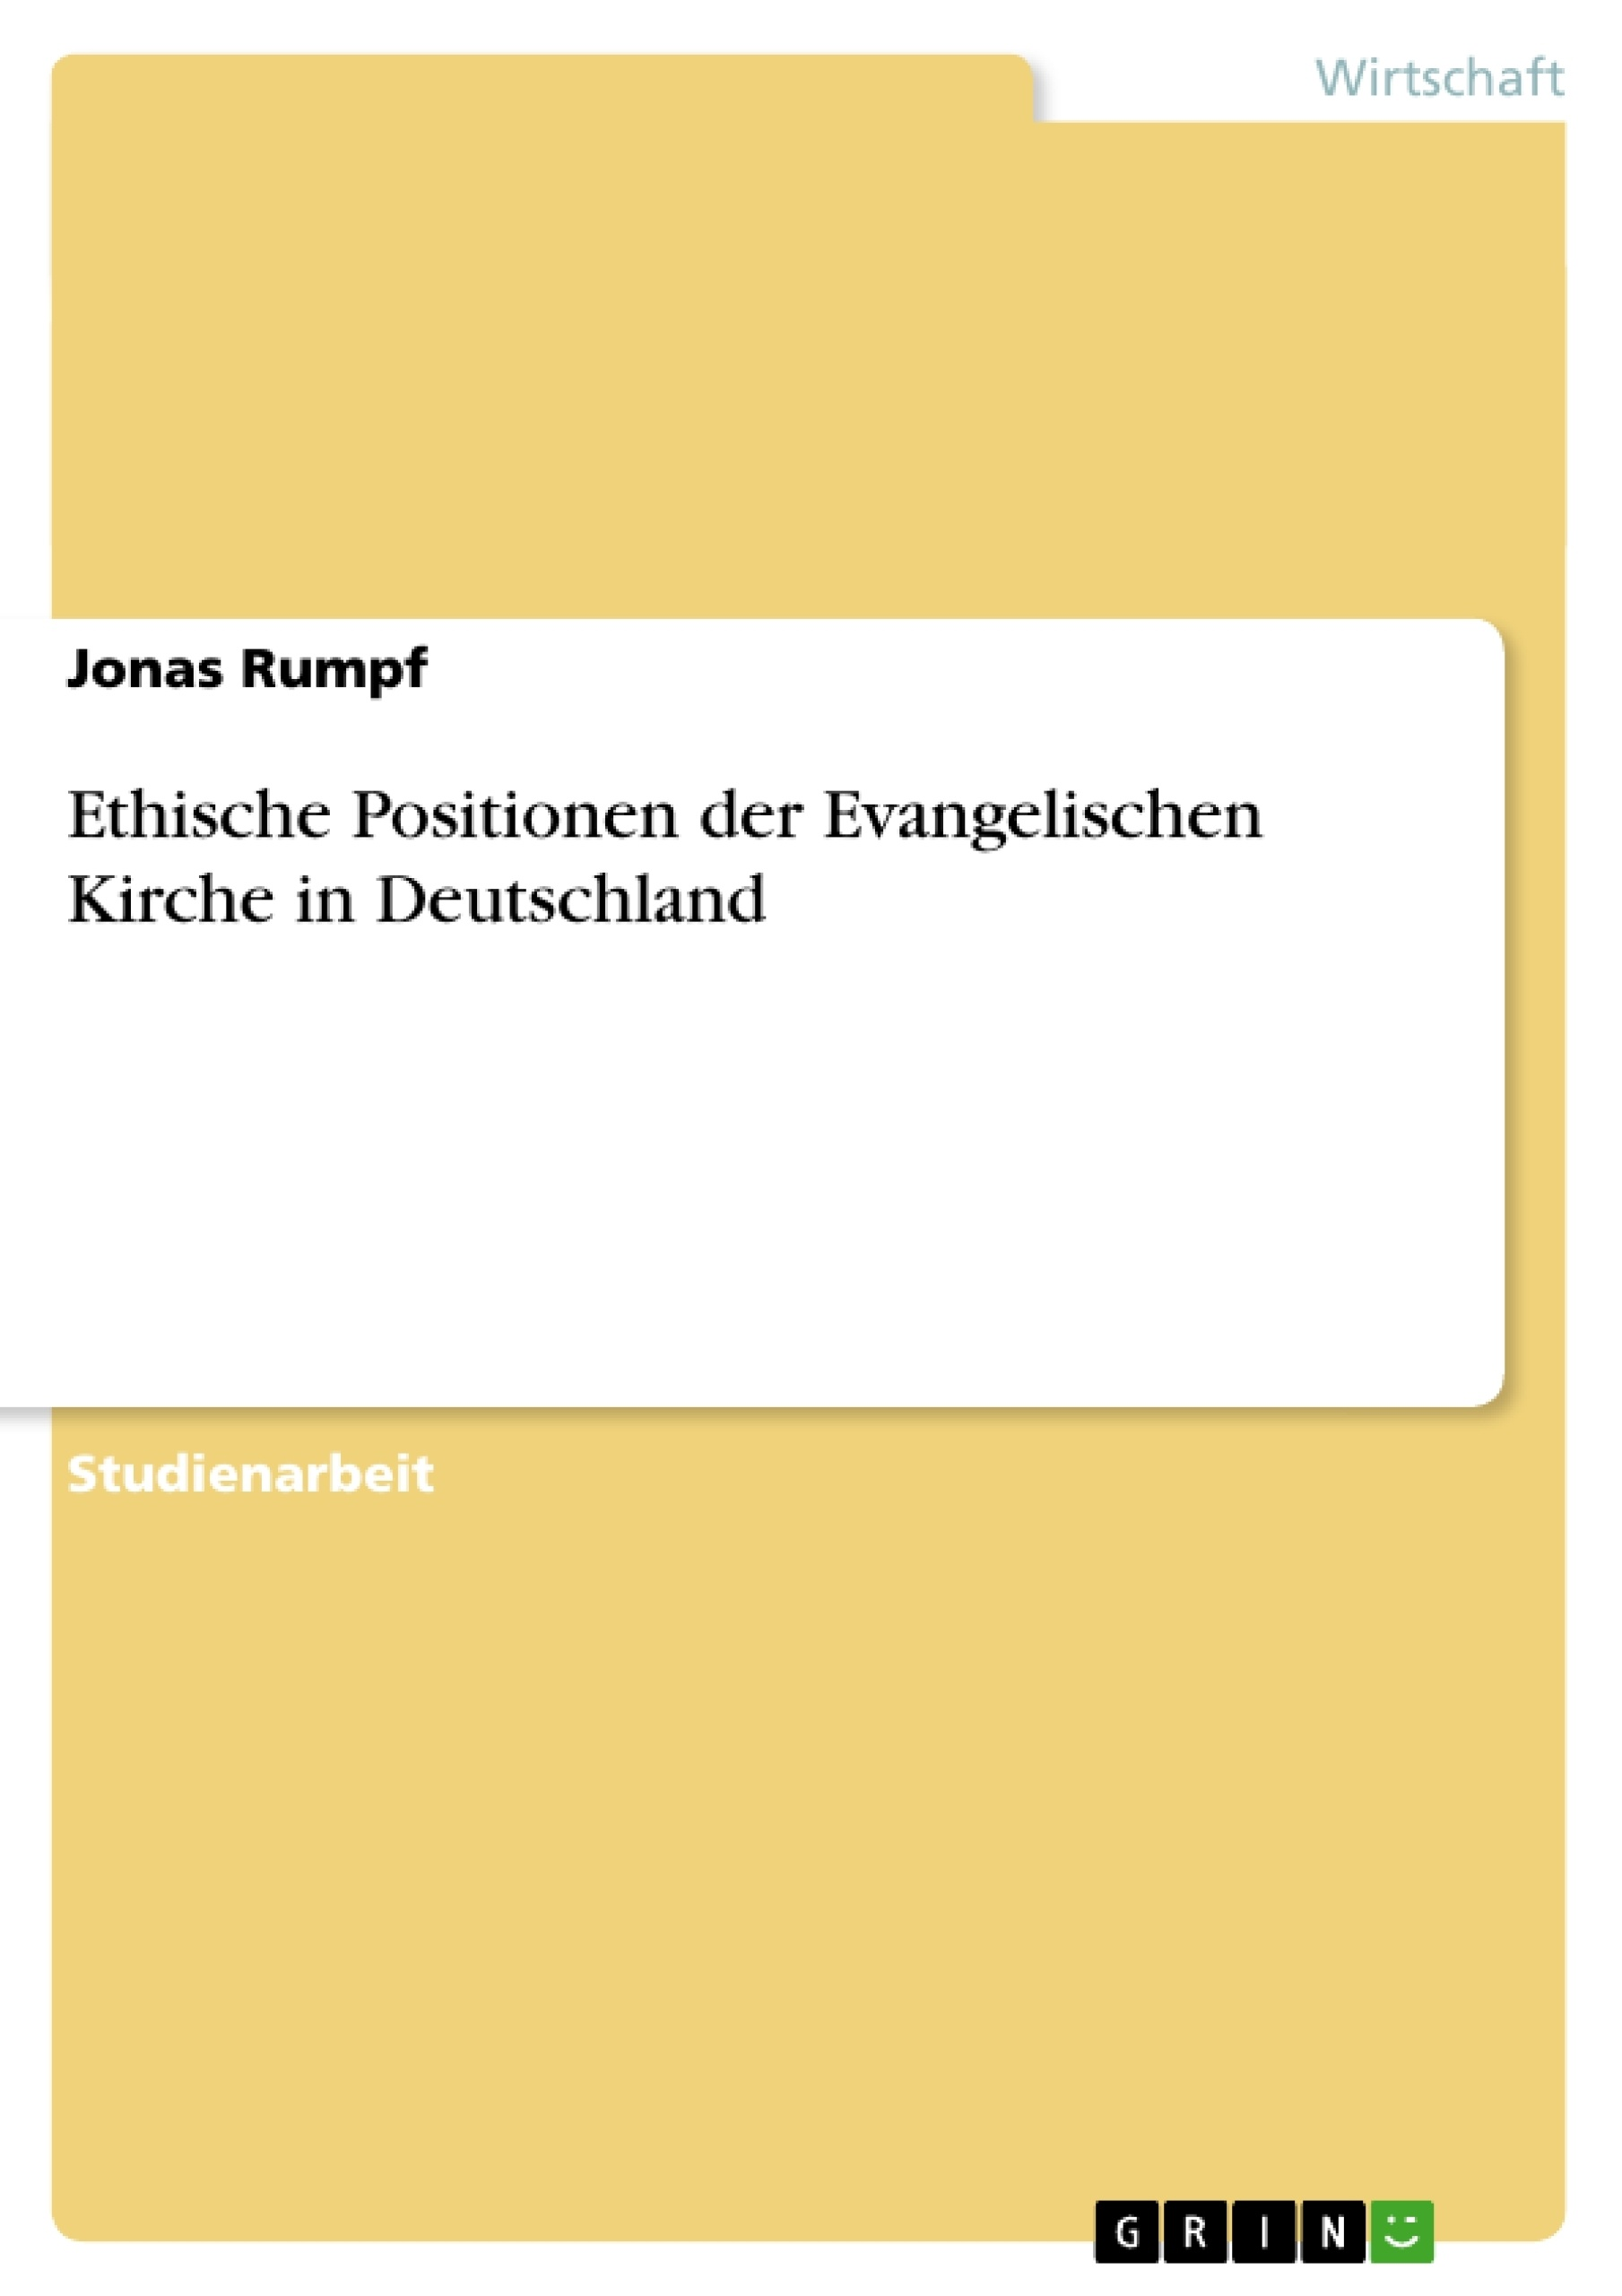 Titel: Ethische Positionen der Evangelischen Kirche in Deutschland